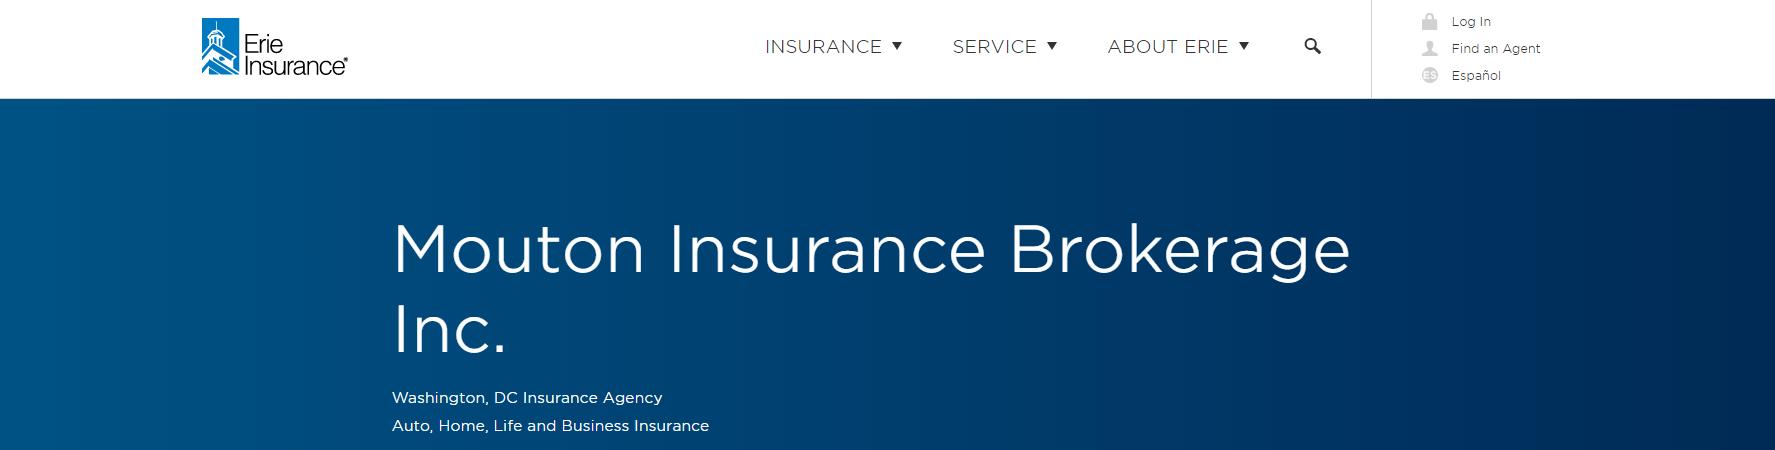 Mouton Insurance Brokerage